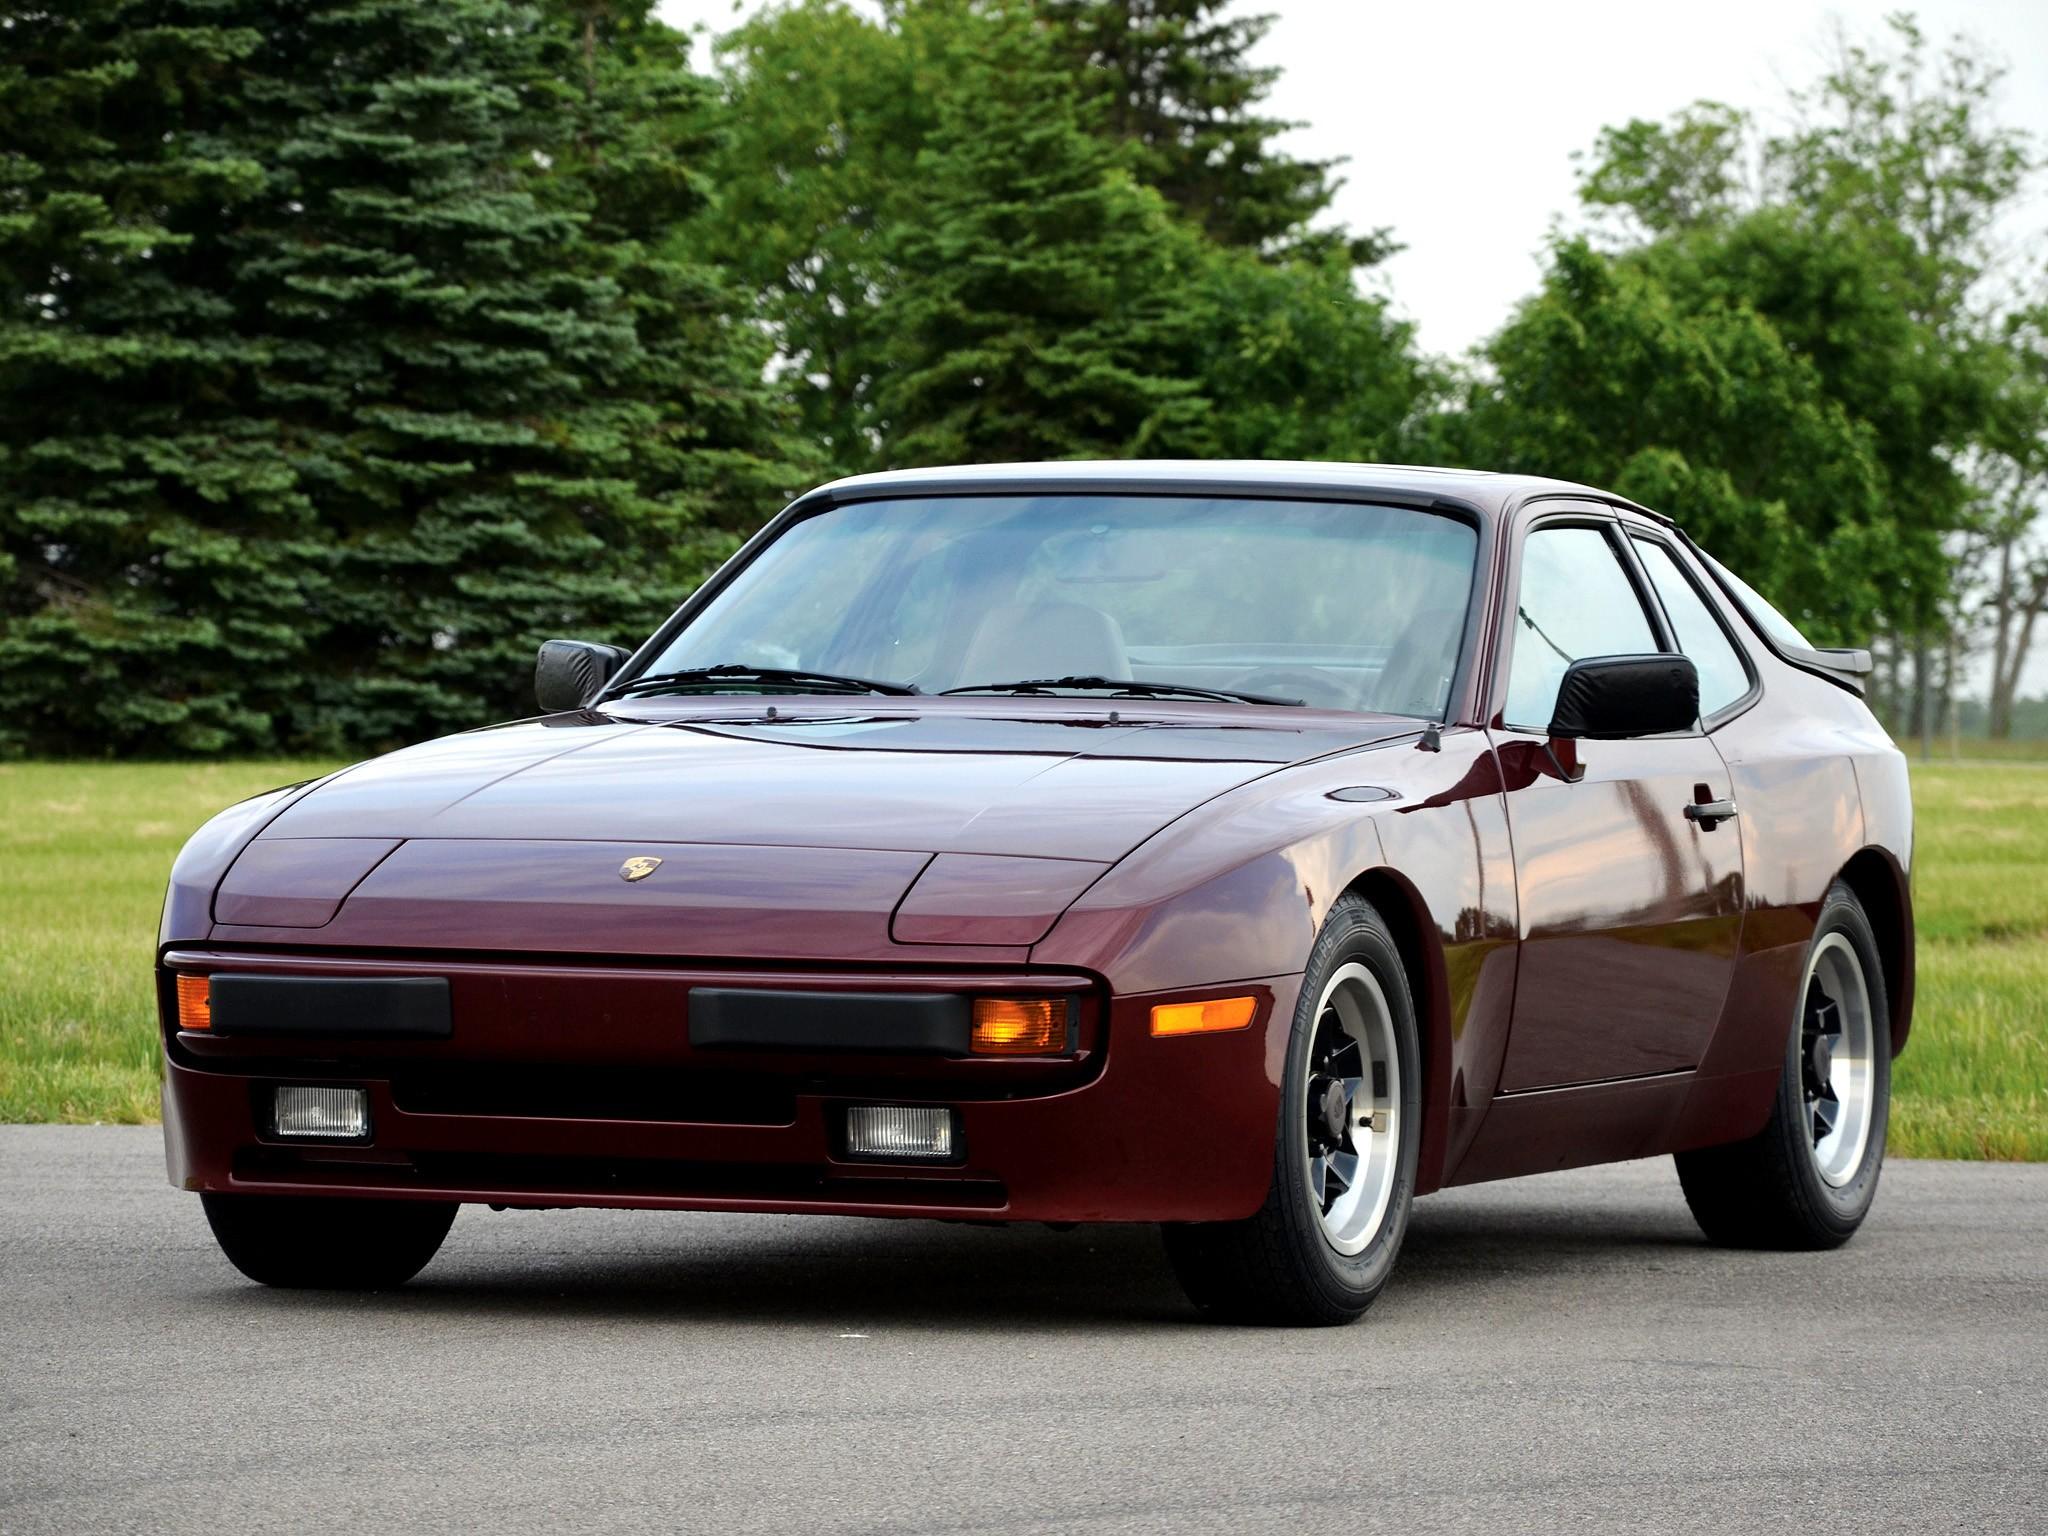 Porsche 944 1981 1982 1983 1984 1985 1986 1987